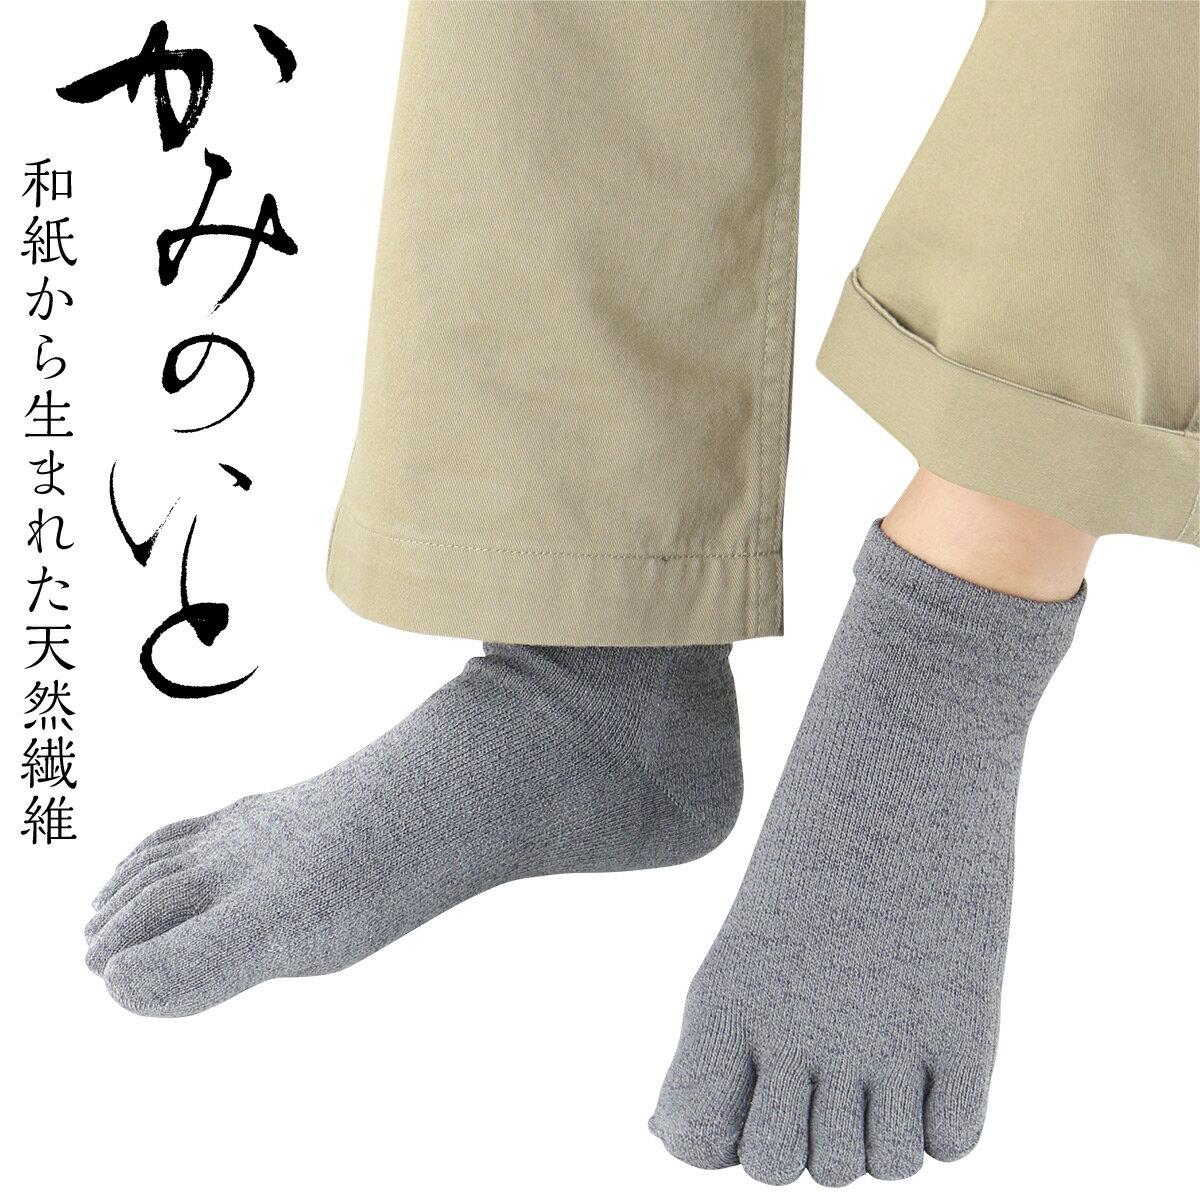 和紙から生まれた天然繊維紙から生まれた かみのいと OJO+ 軽量 吸水速乾 無地 5本指 日本製マラソン・ランニングにも使えますメンズ&レディス 男女兼用ショート丈 ソックス 和紙 靴下2997-402ポイント10倍